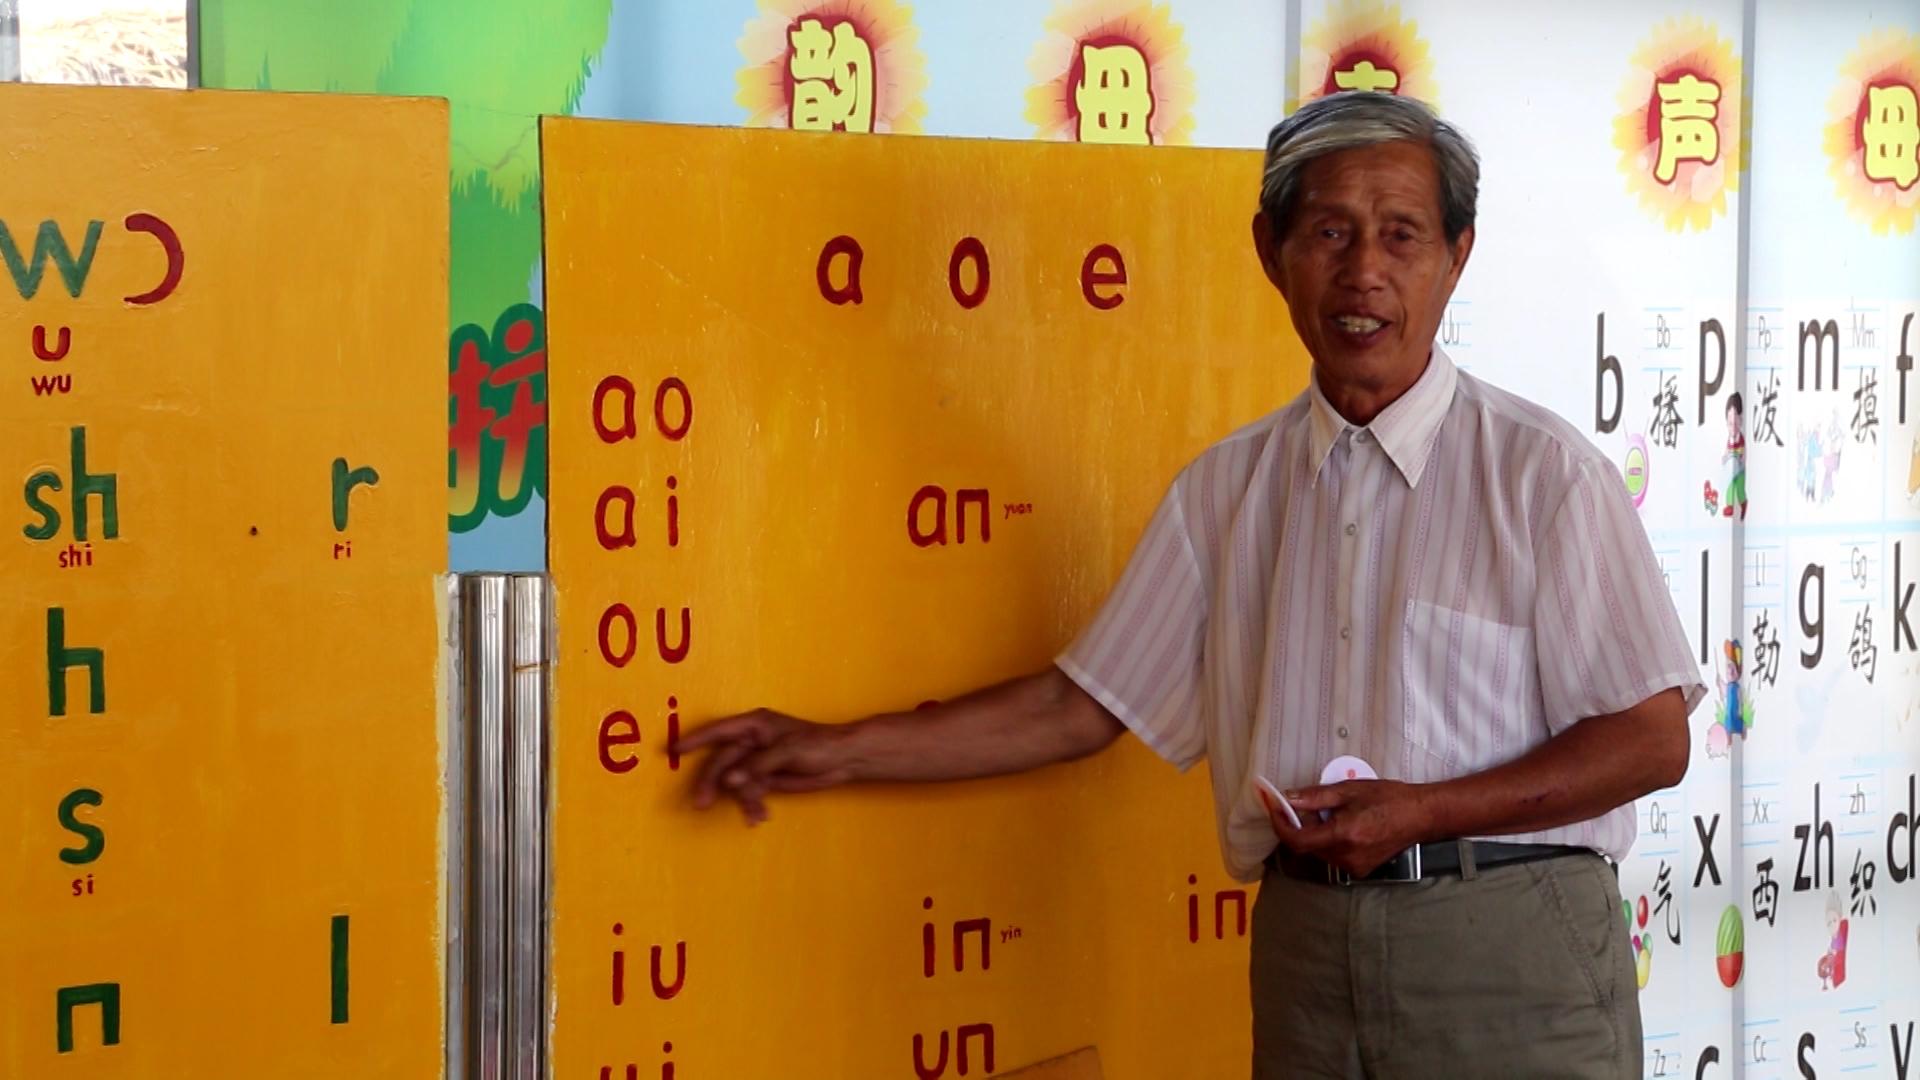 我要將農村孩子的漢語拼音教會、教好